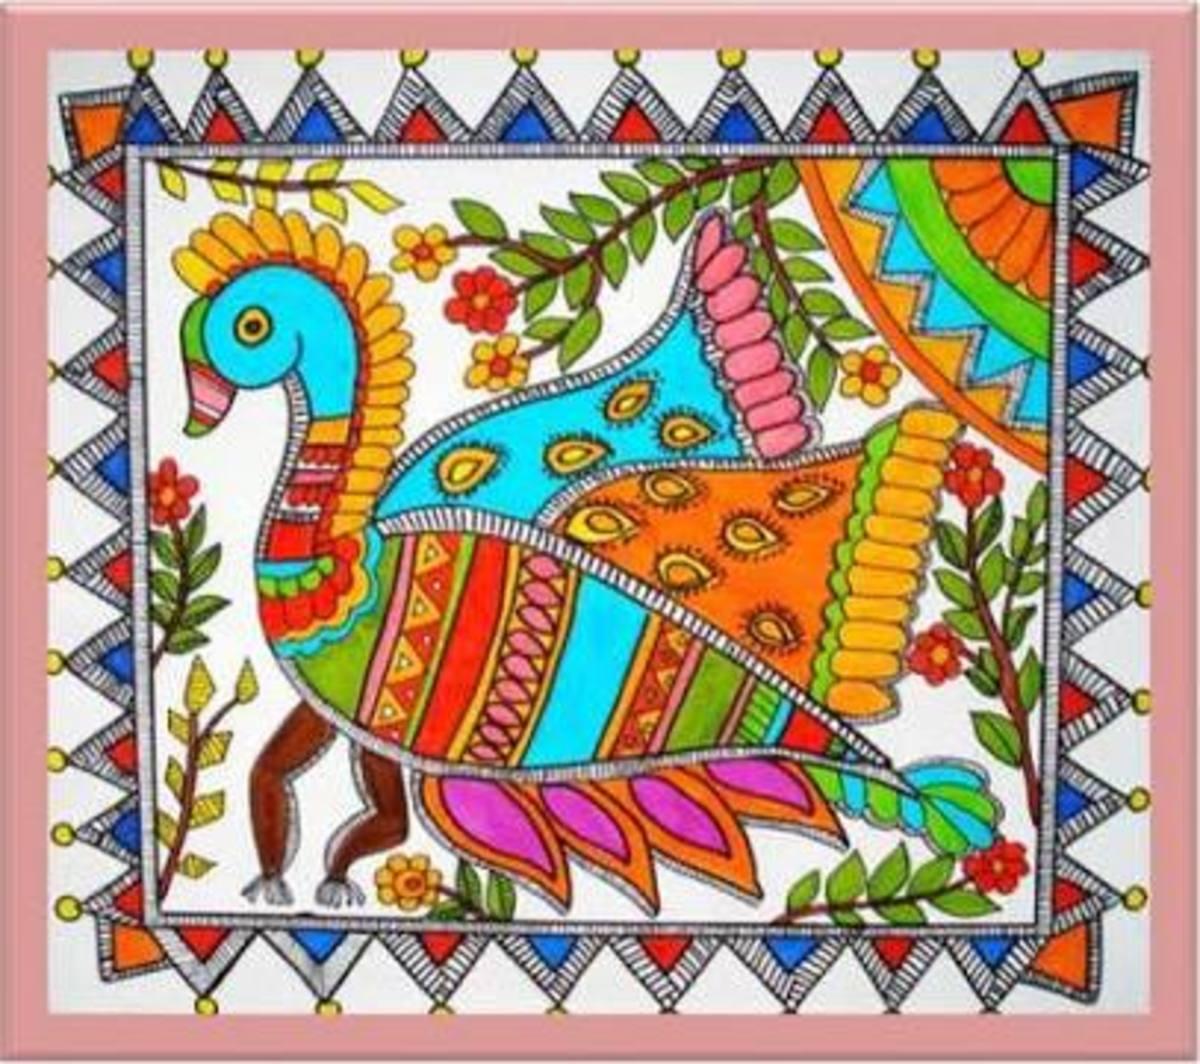 Madhubani art showing birds